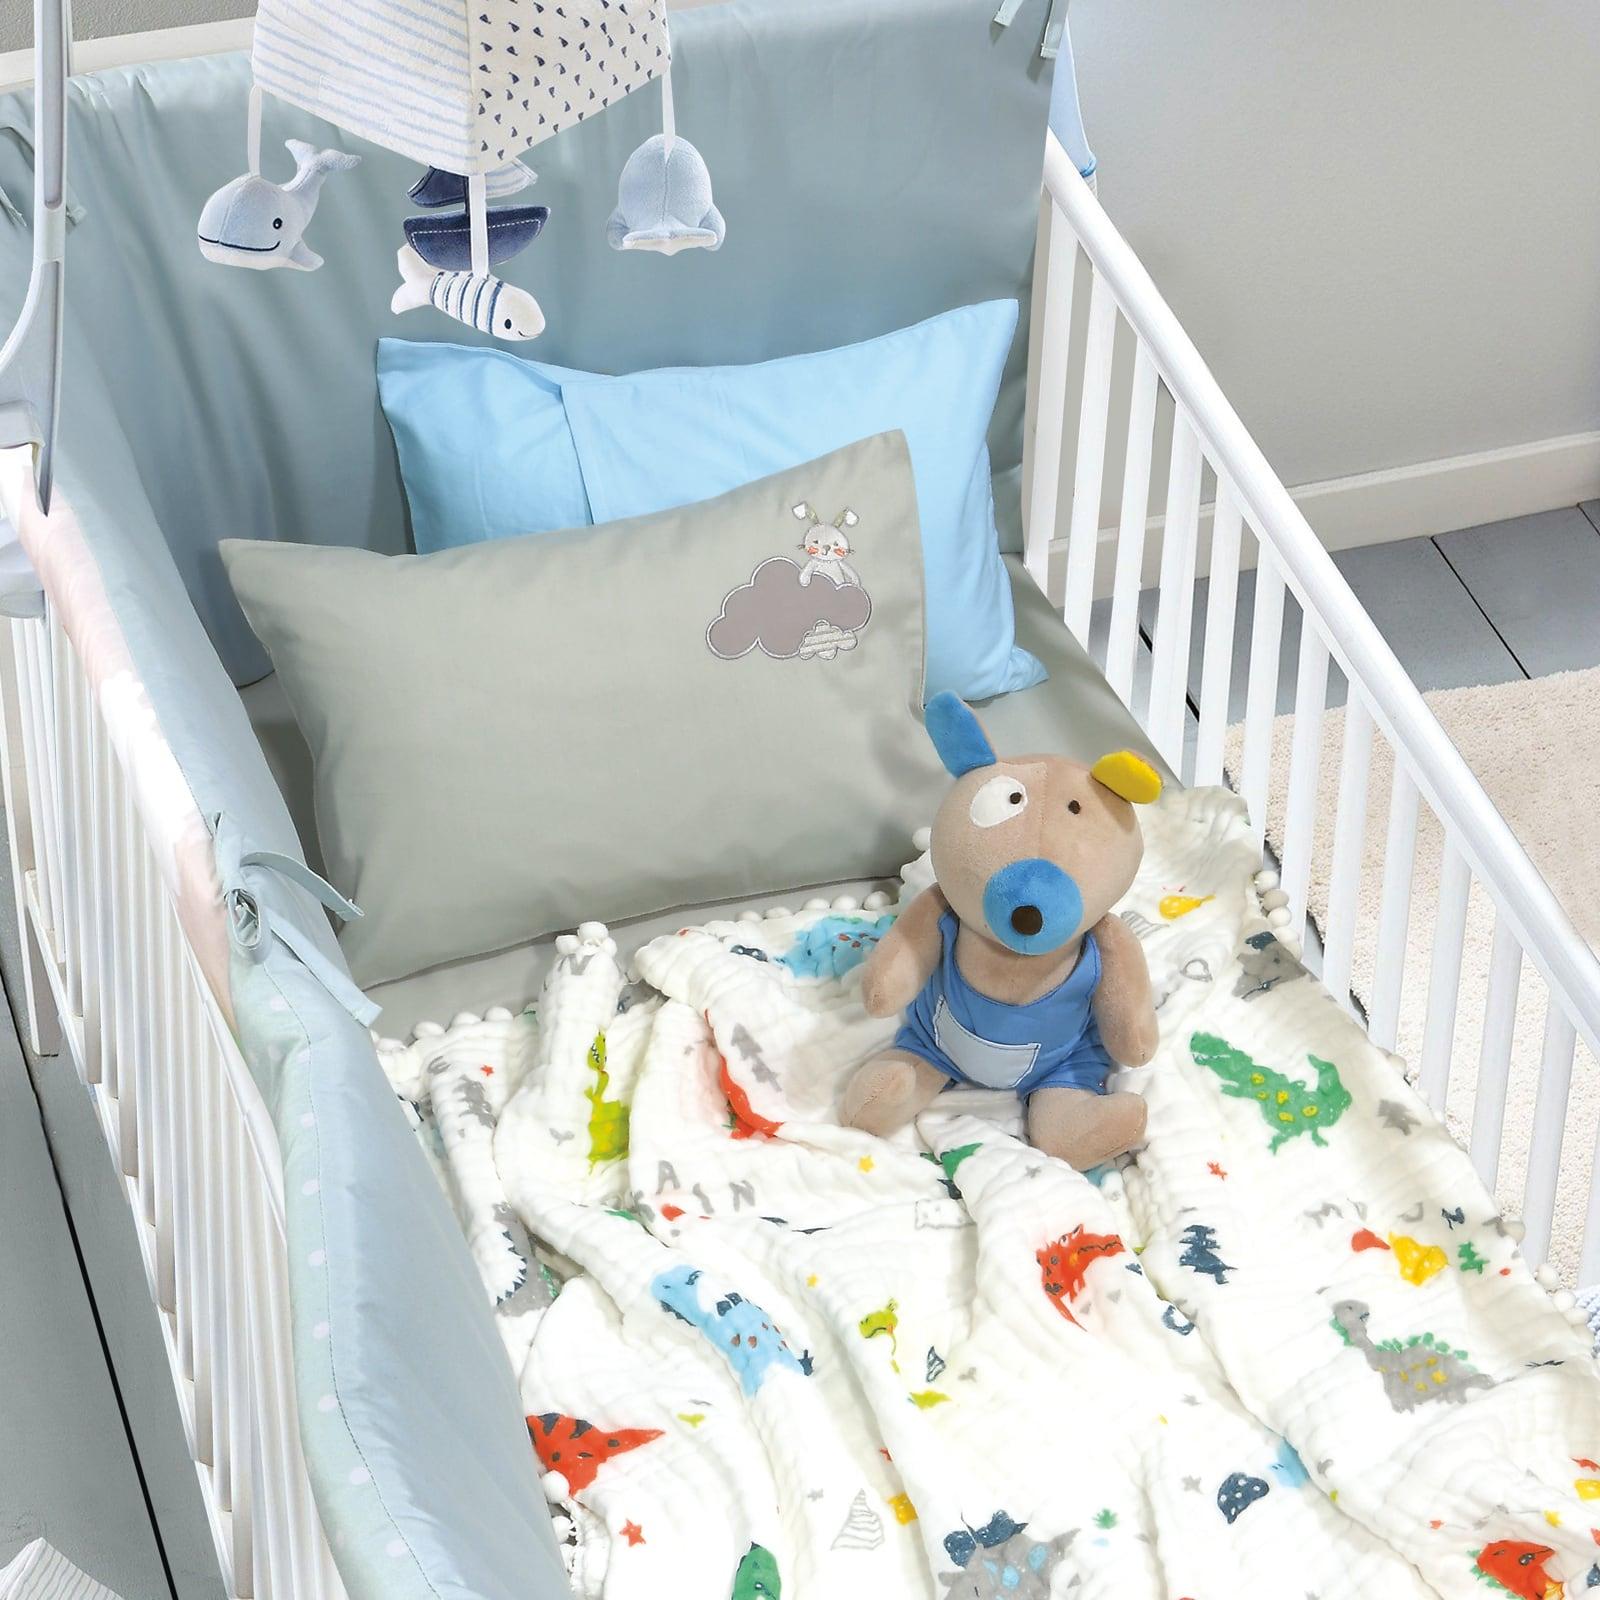 Κουβέρτα Βρεφική Μουσελίνα 6588 Relax Multi Das Baby Αγκαλιάς 80x110cm